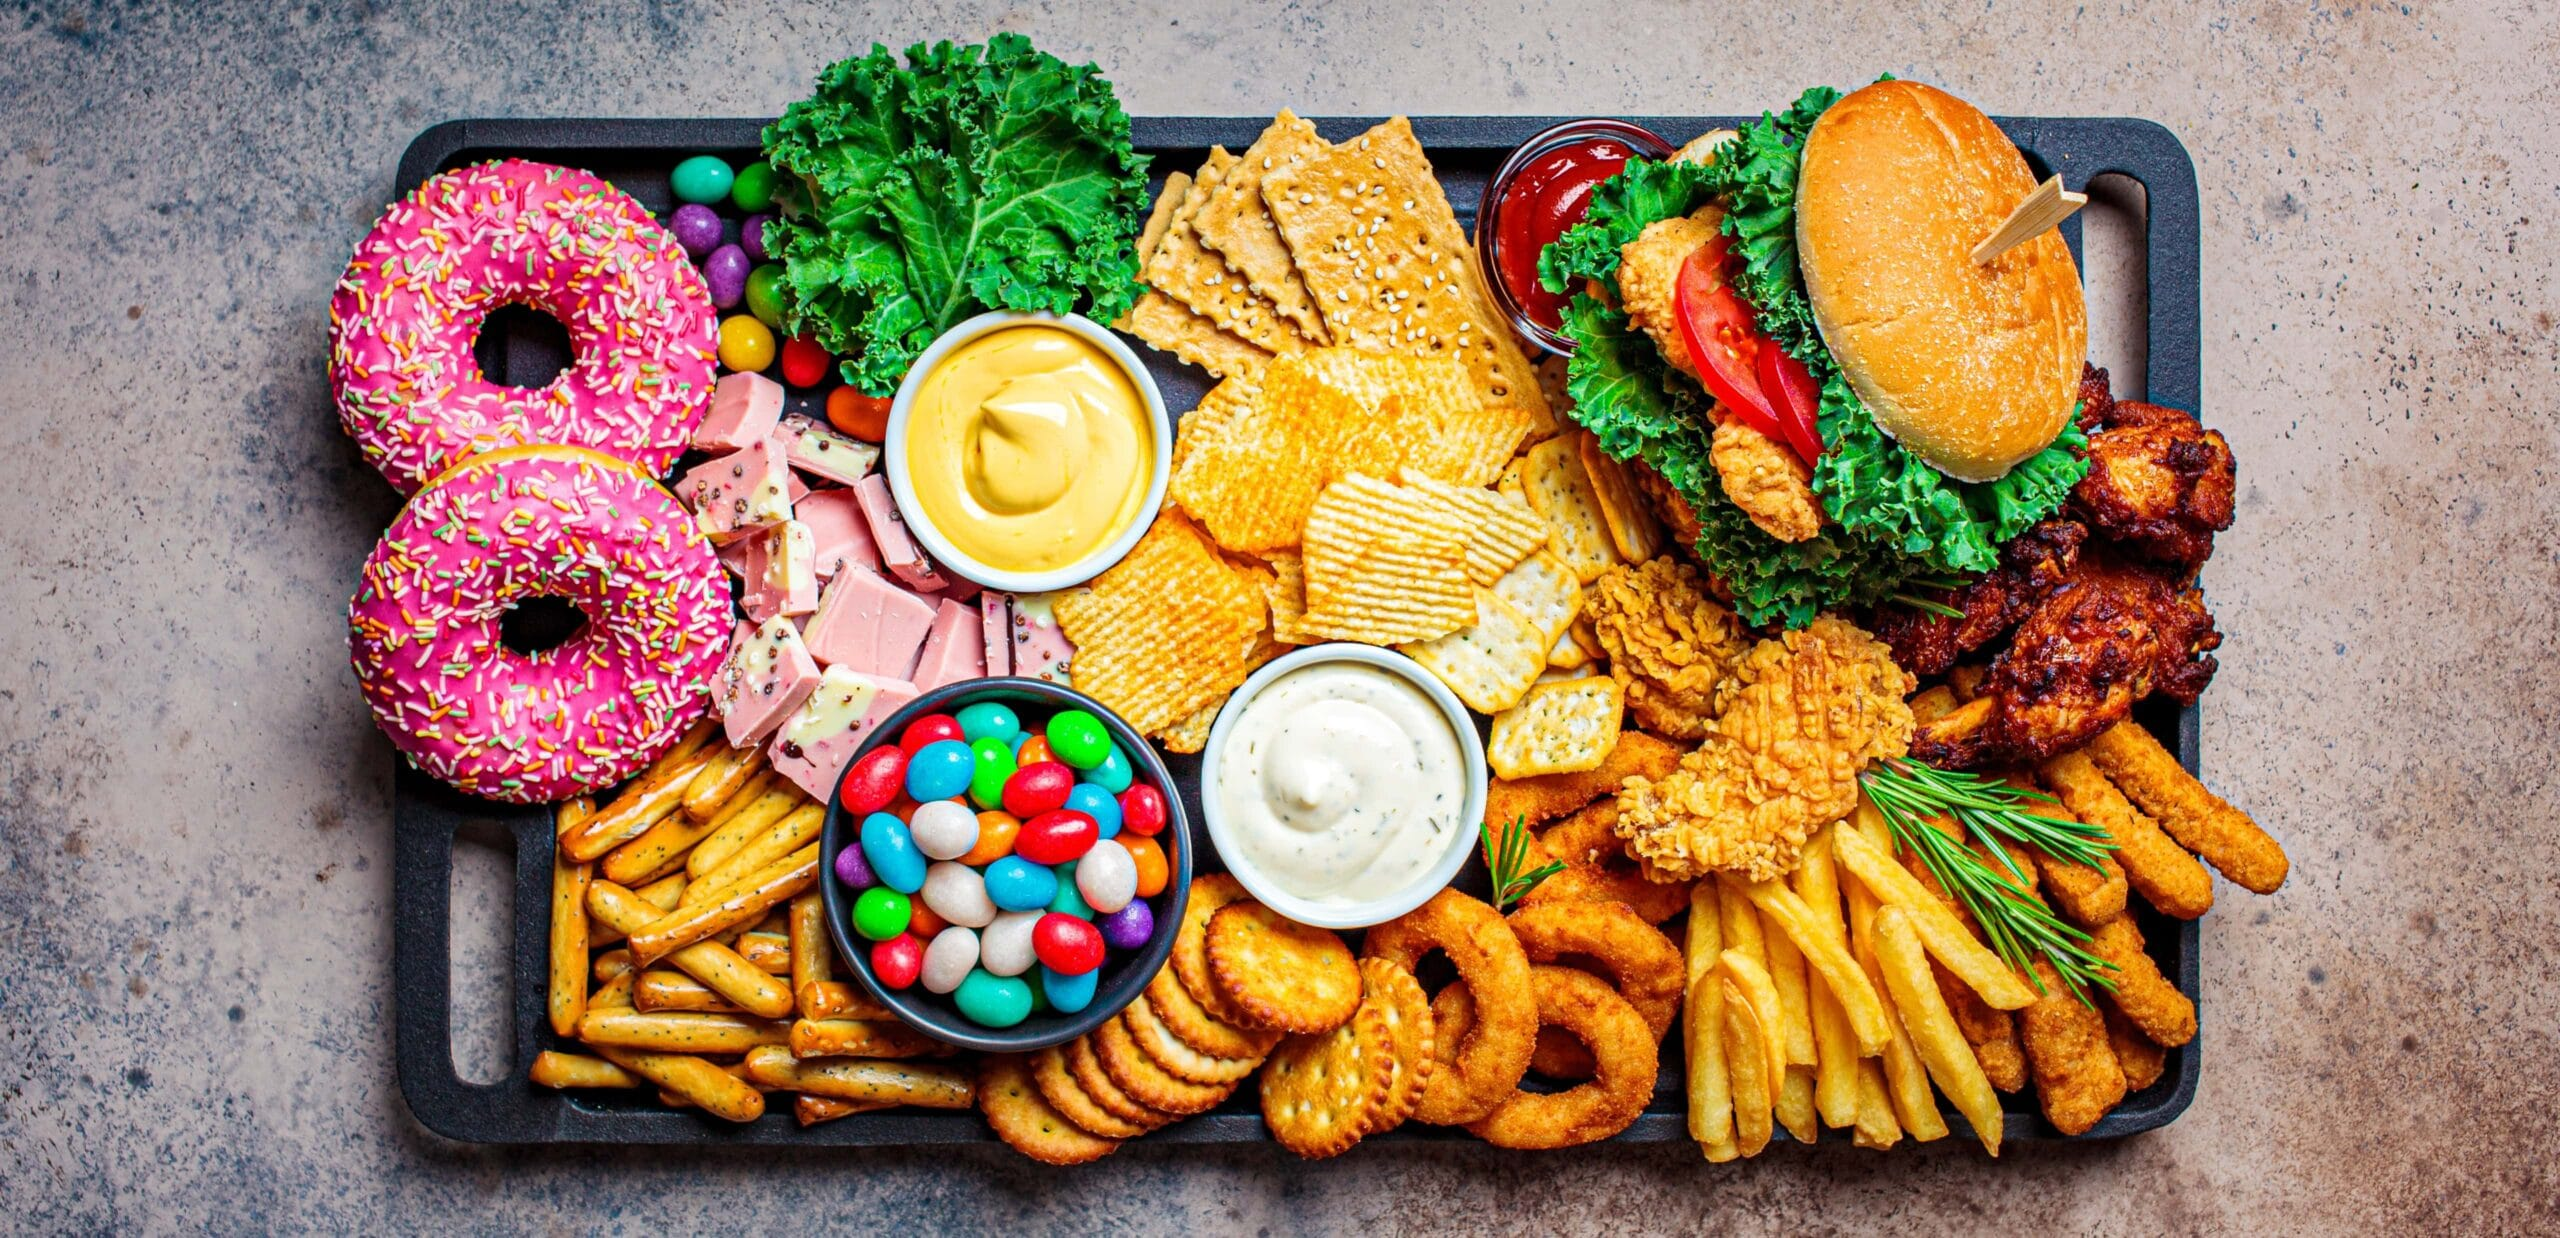 acidi grassi trans e rischi per la salute